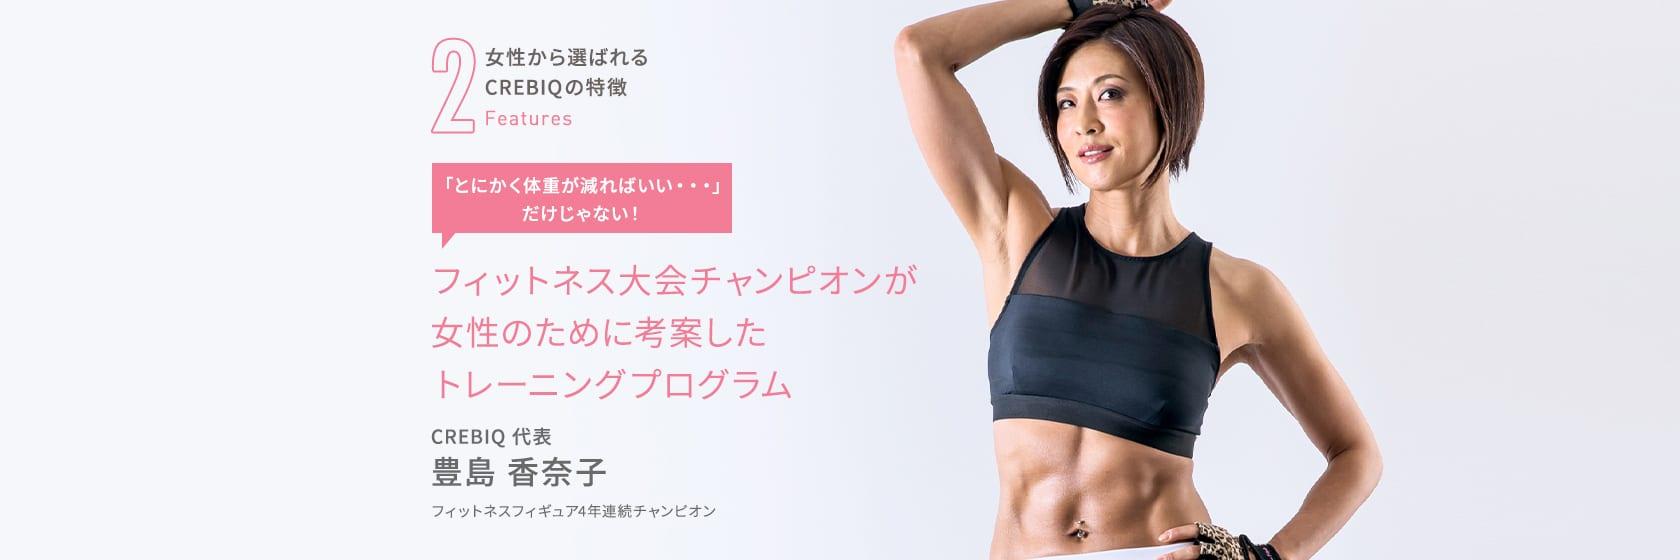 フィットネス大会チャンピオンが女性のために考案したトレーニングプログラム